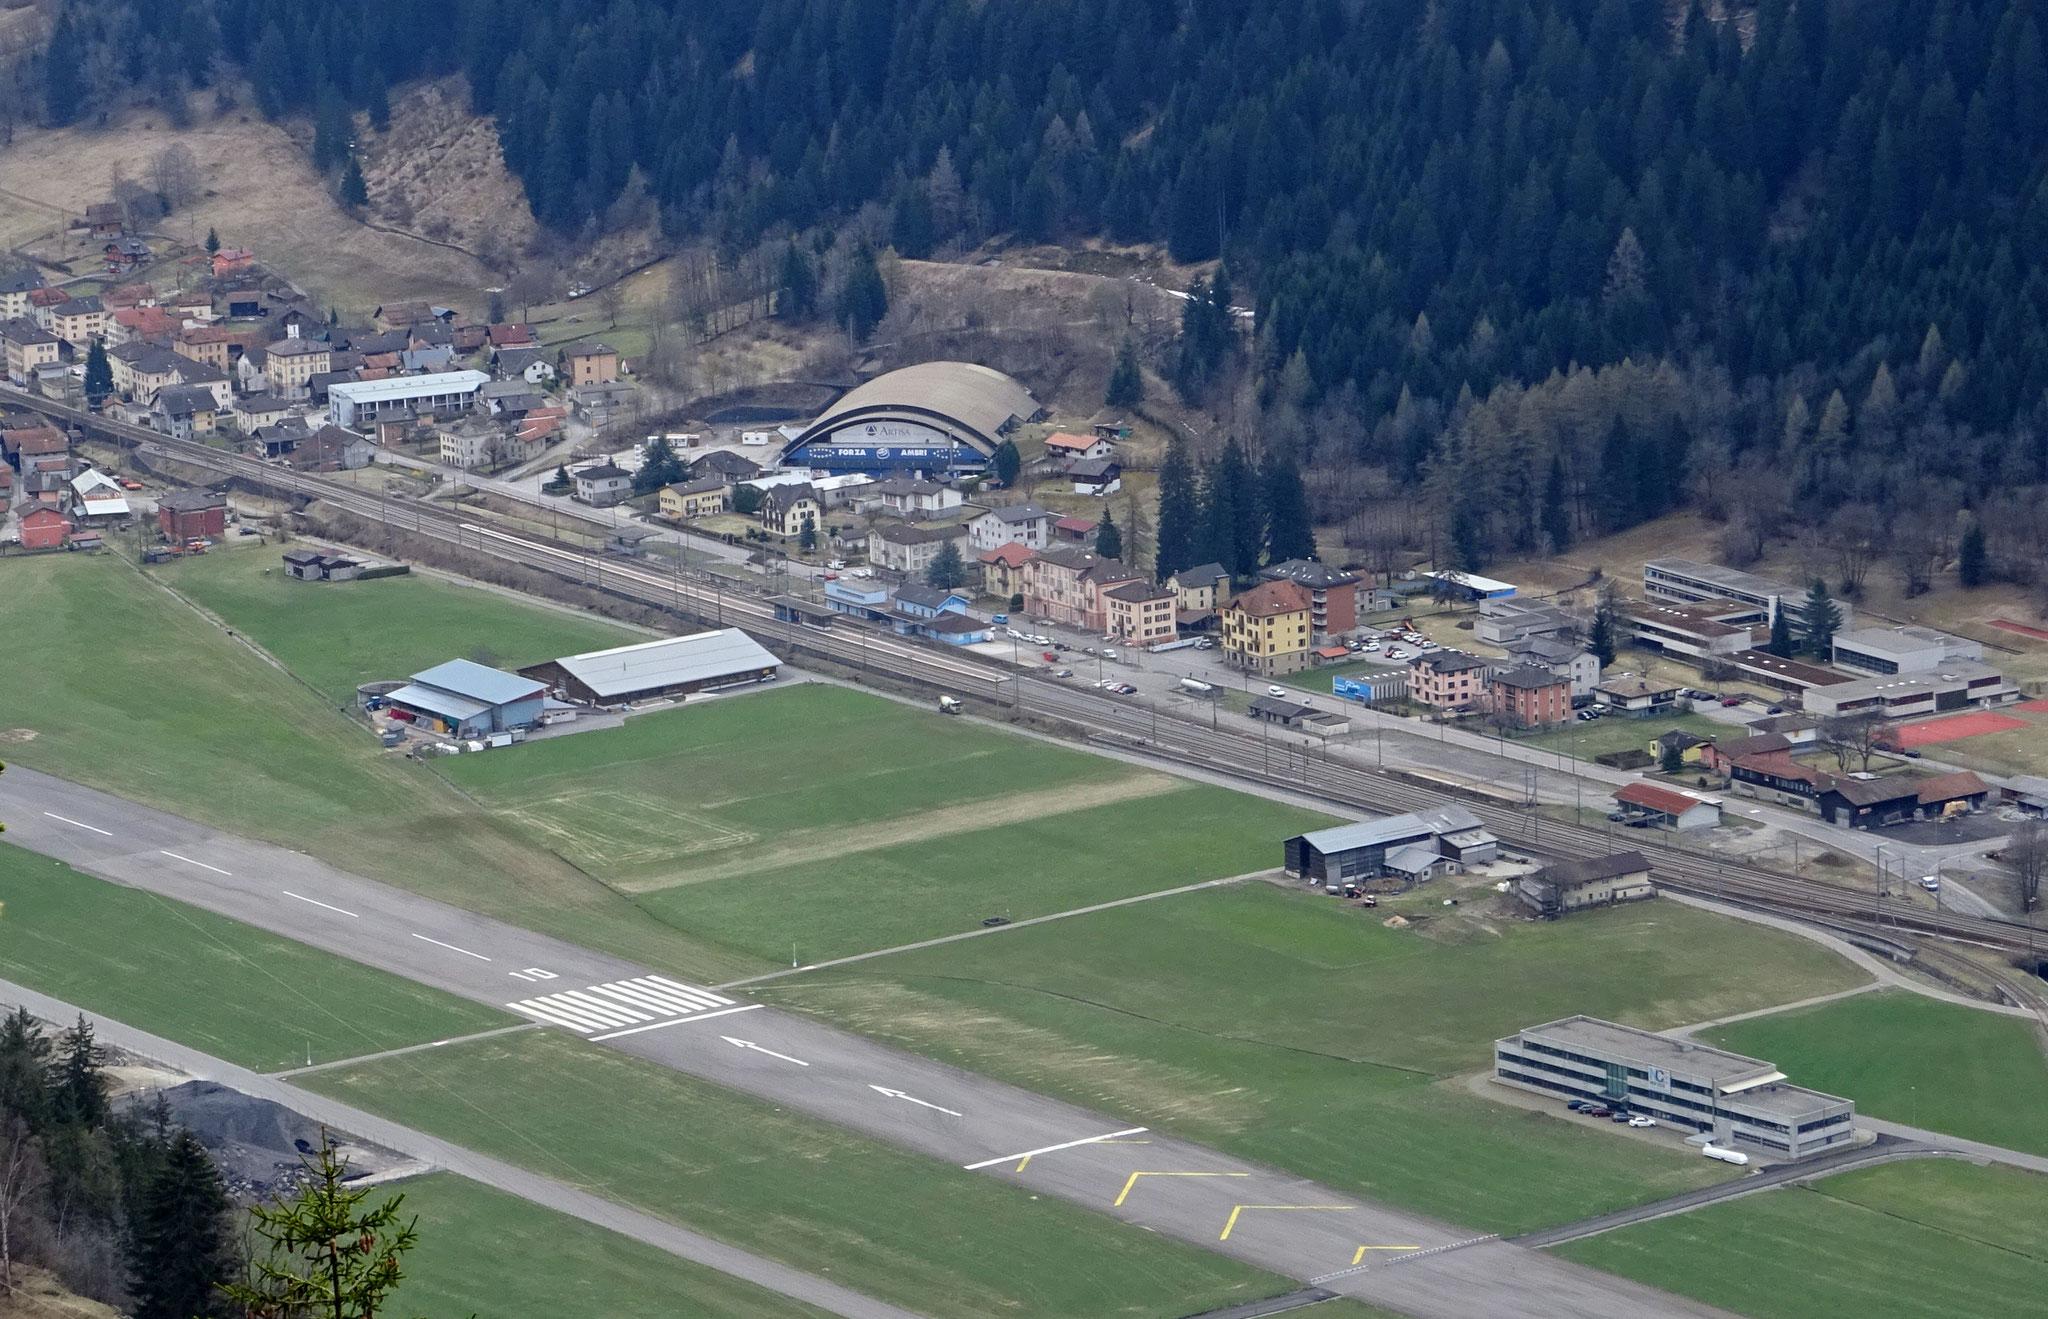 Blick auf die Valasca, die Eishalle des HC Ambri-Piotta